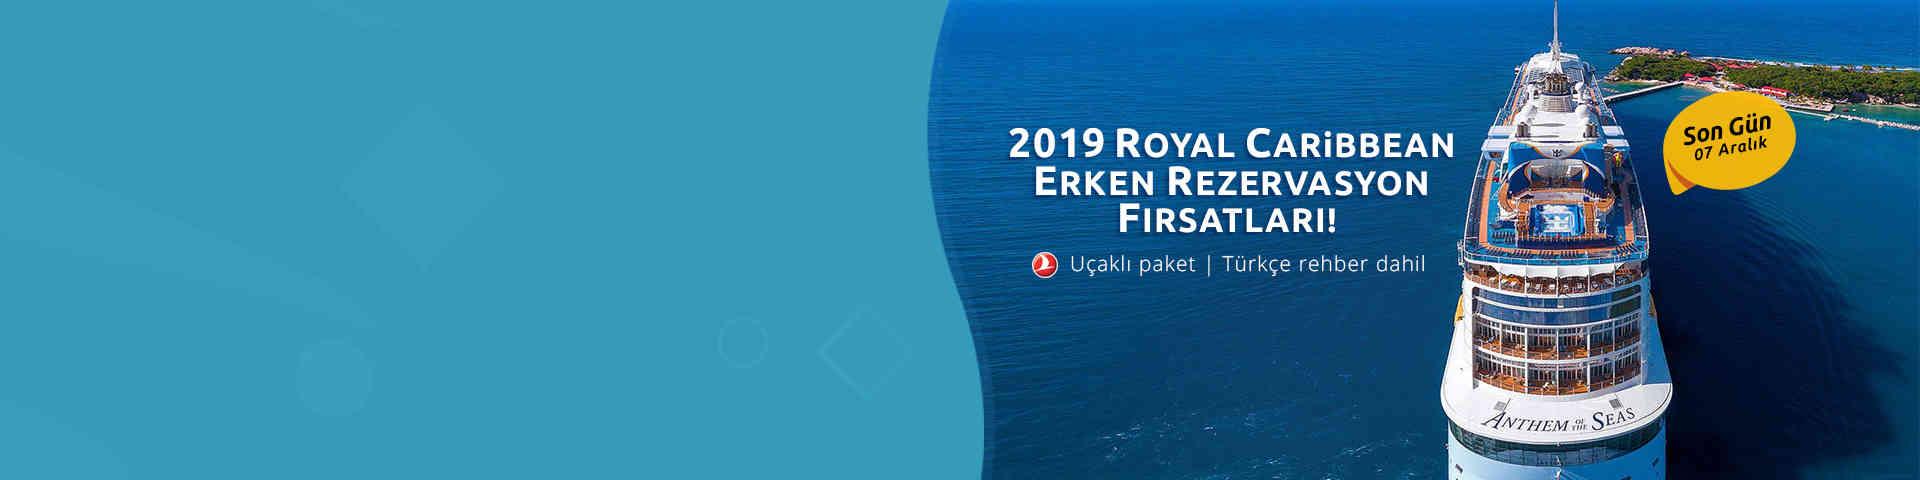 2019 Royal Caribbean Erken Rezervasyon Turları